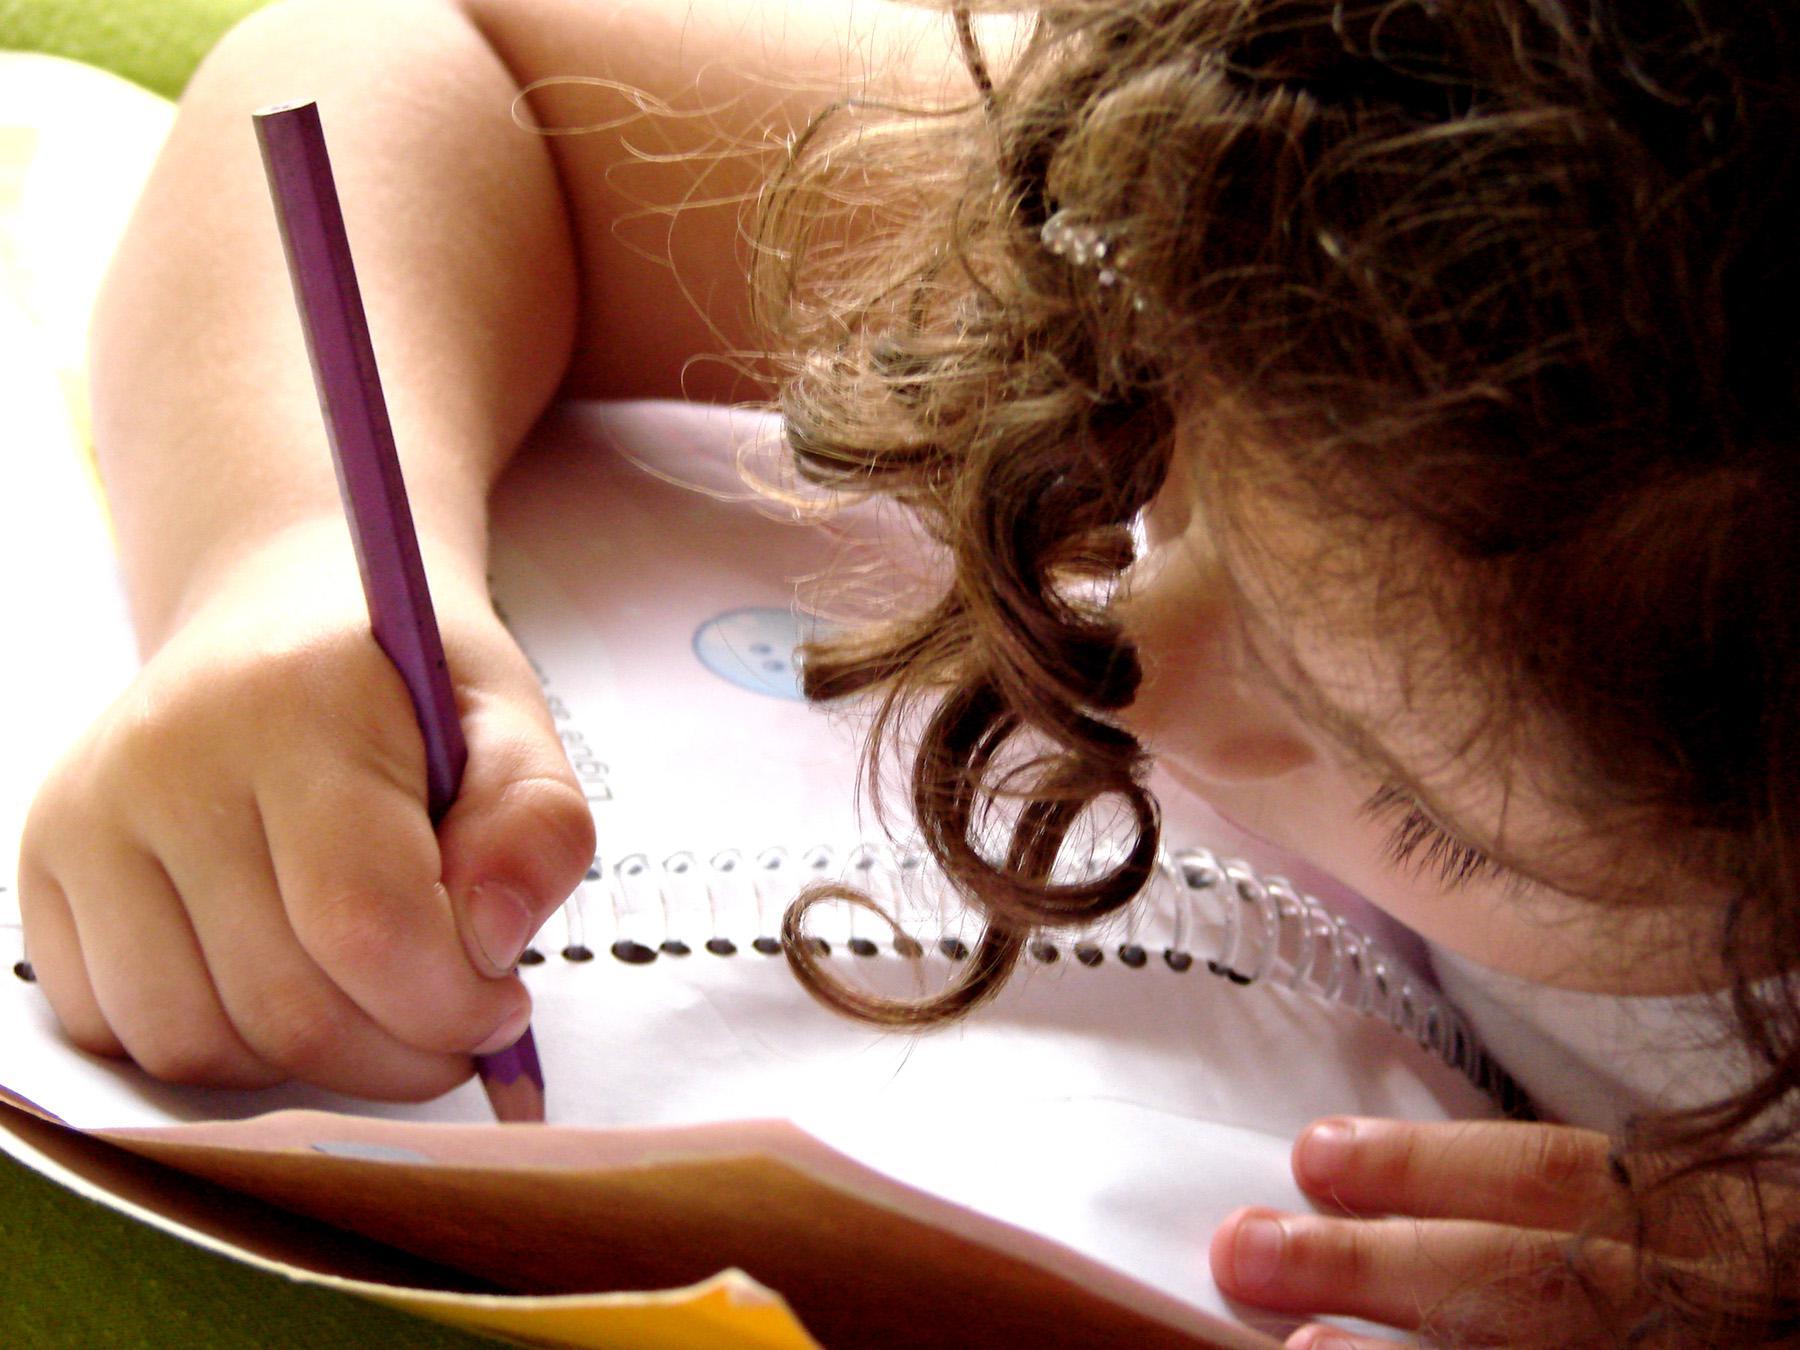 El Centro Municipal de Psicología de Las Rozas atendió a más de 400 menores durante 2014